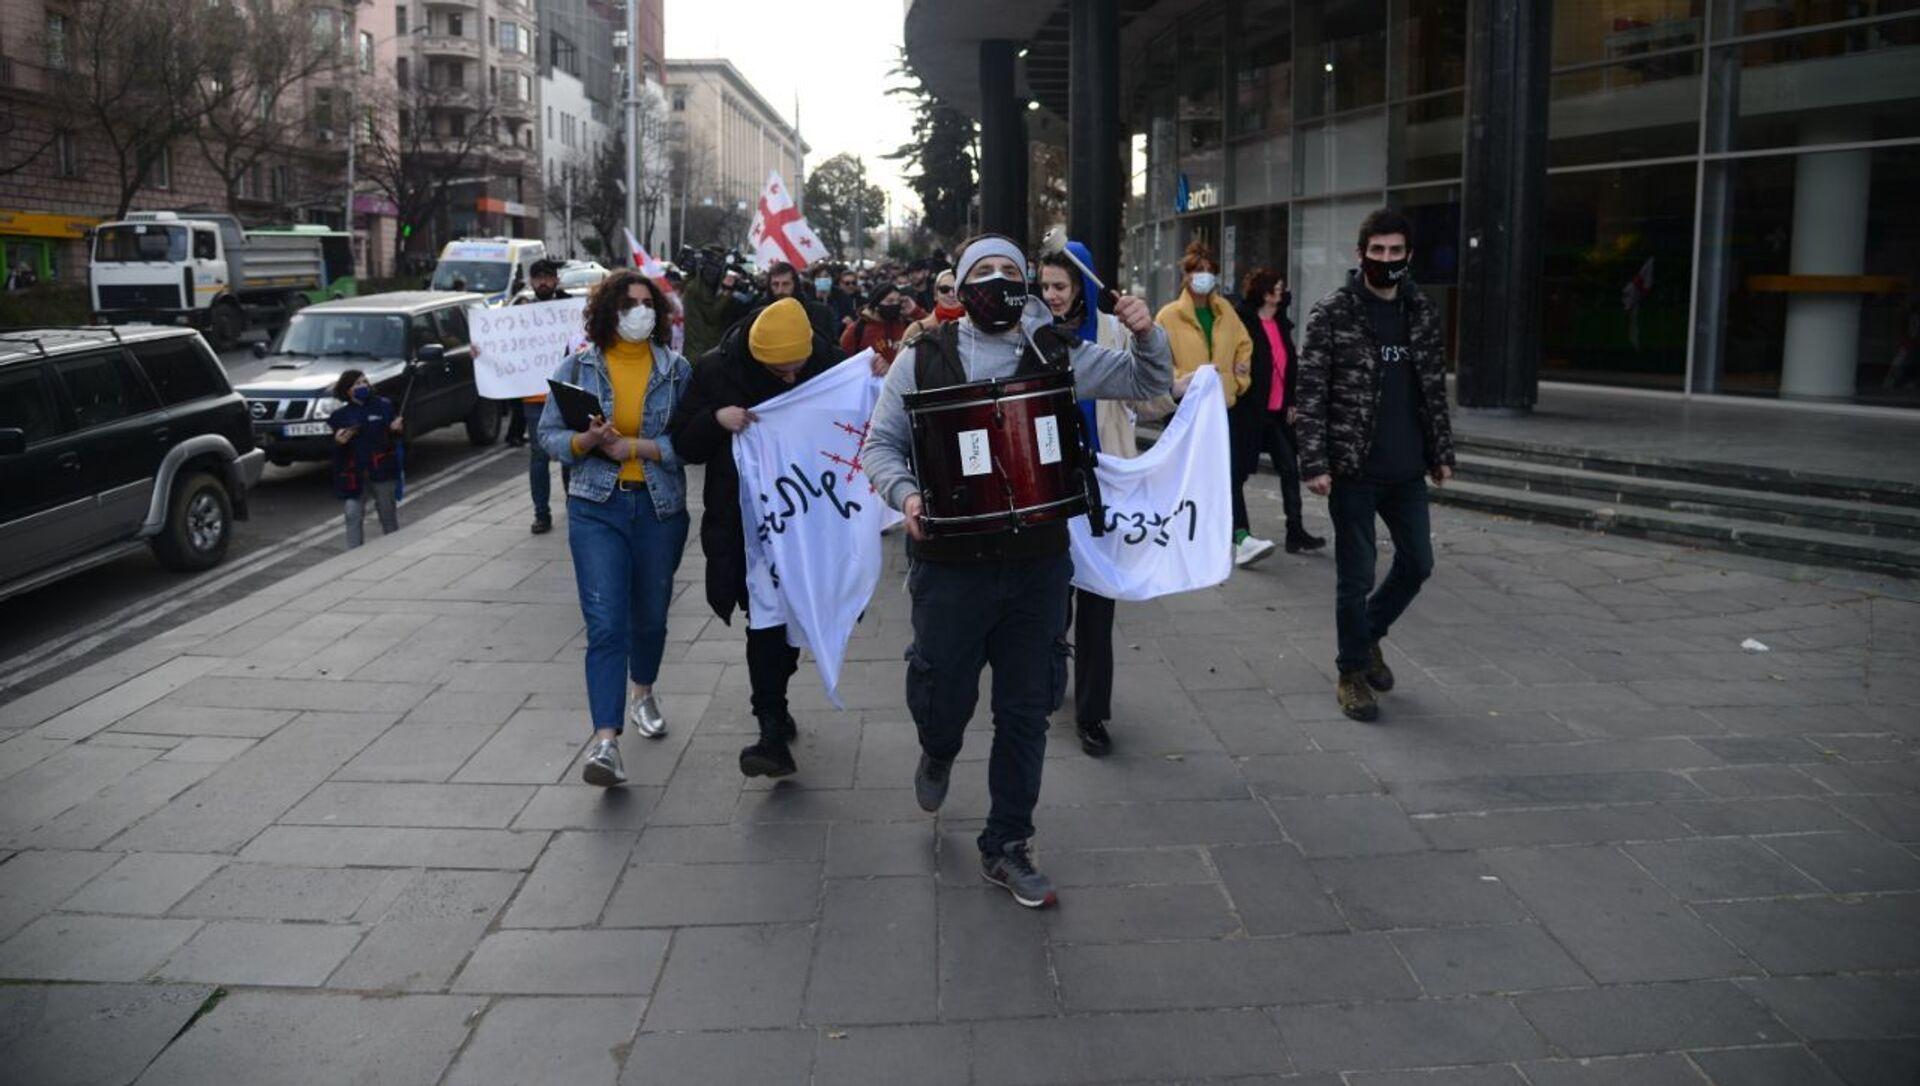 Шествие против комендантского часа и ковид-ограничений в центре столицы Грузии 3 апреля 2021 года - Sputnik Грузия, 1920, 03.04.2021